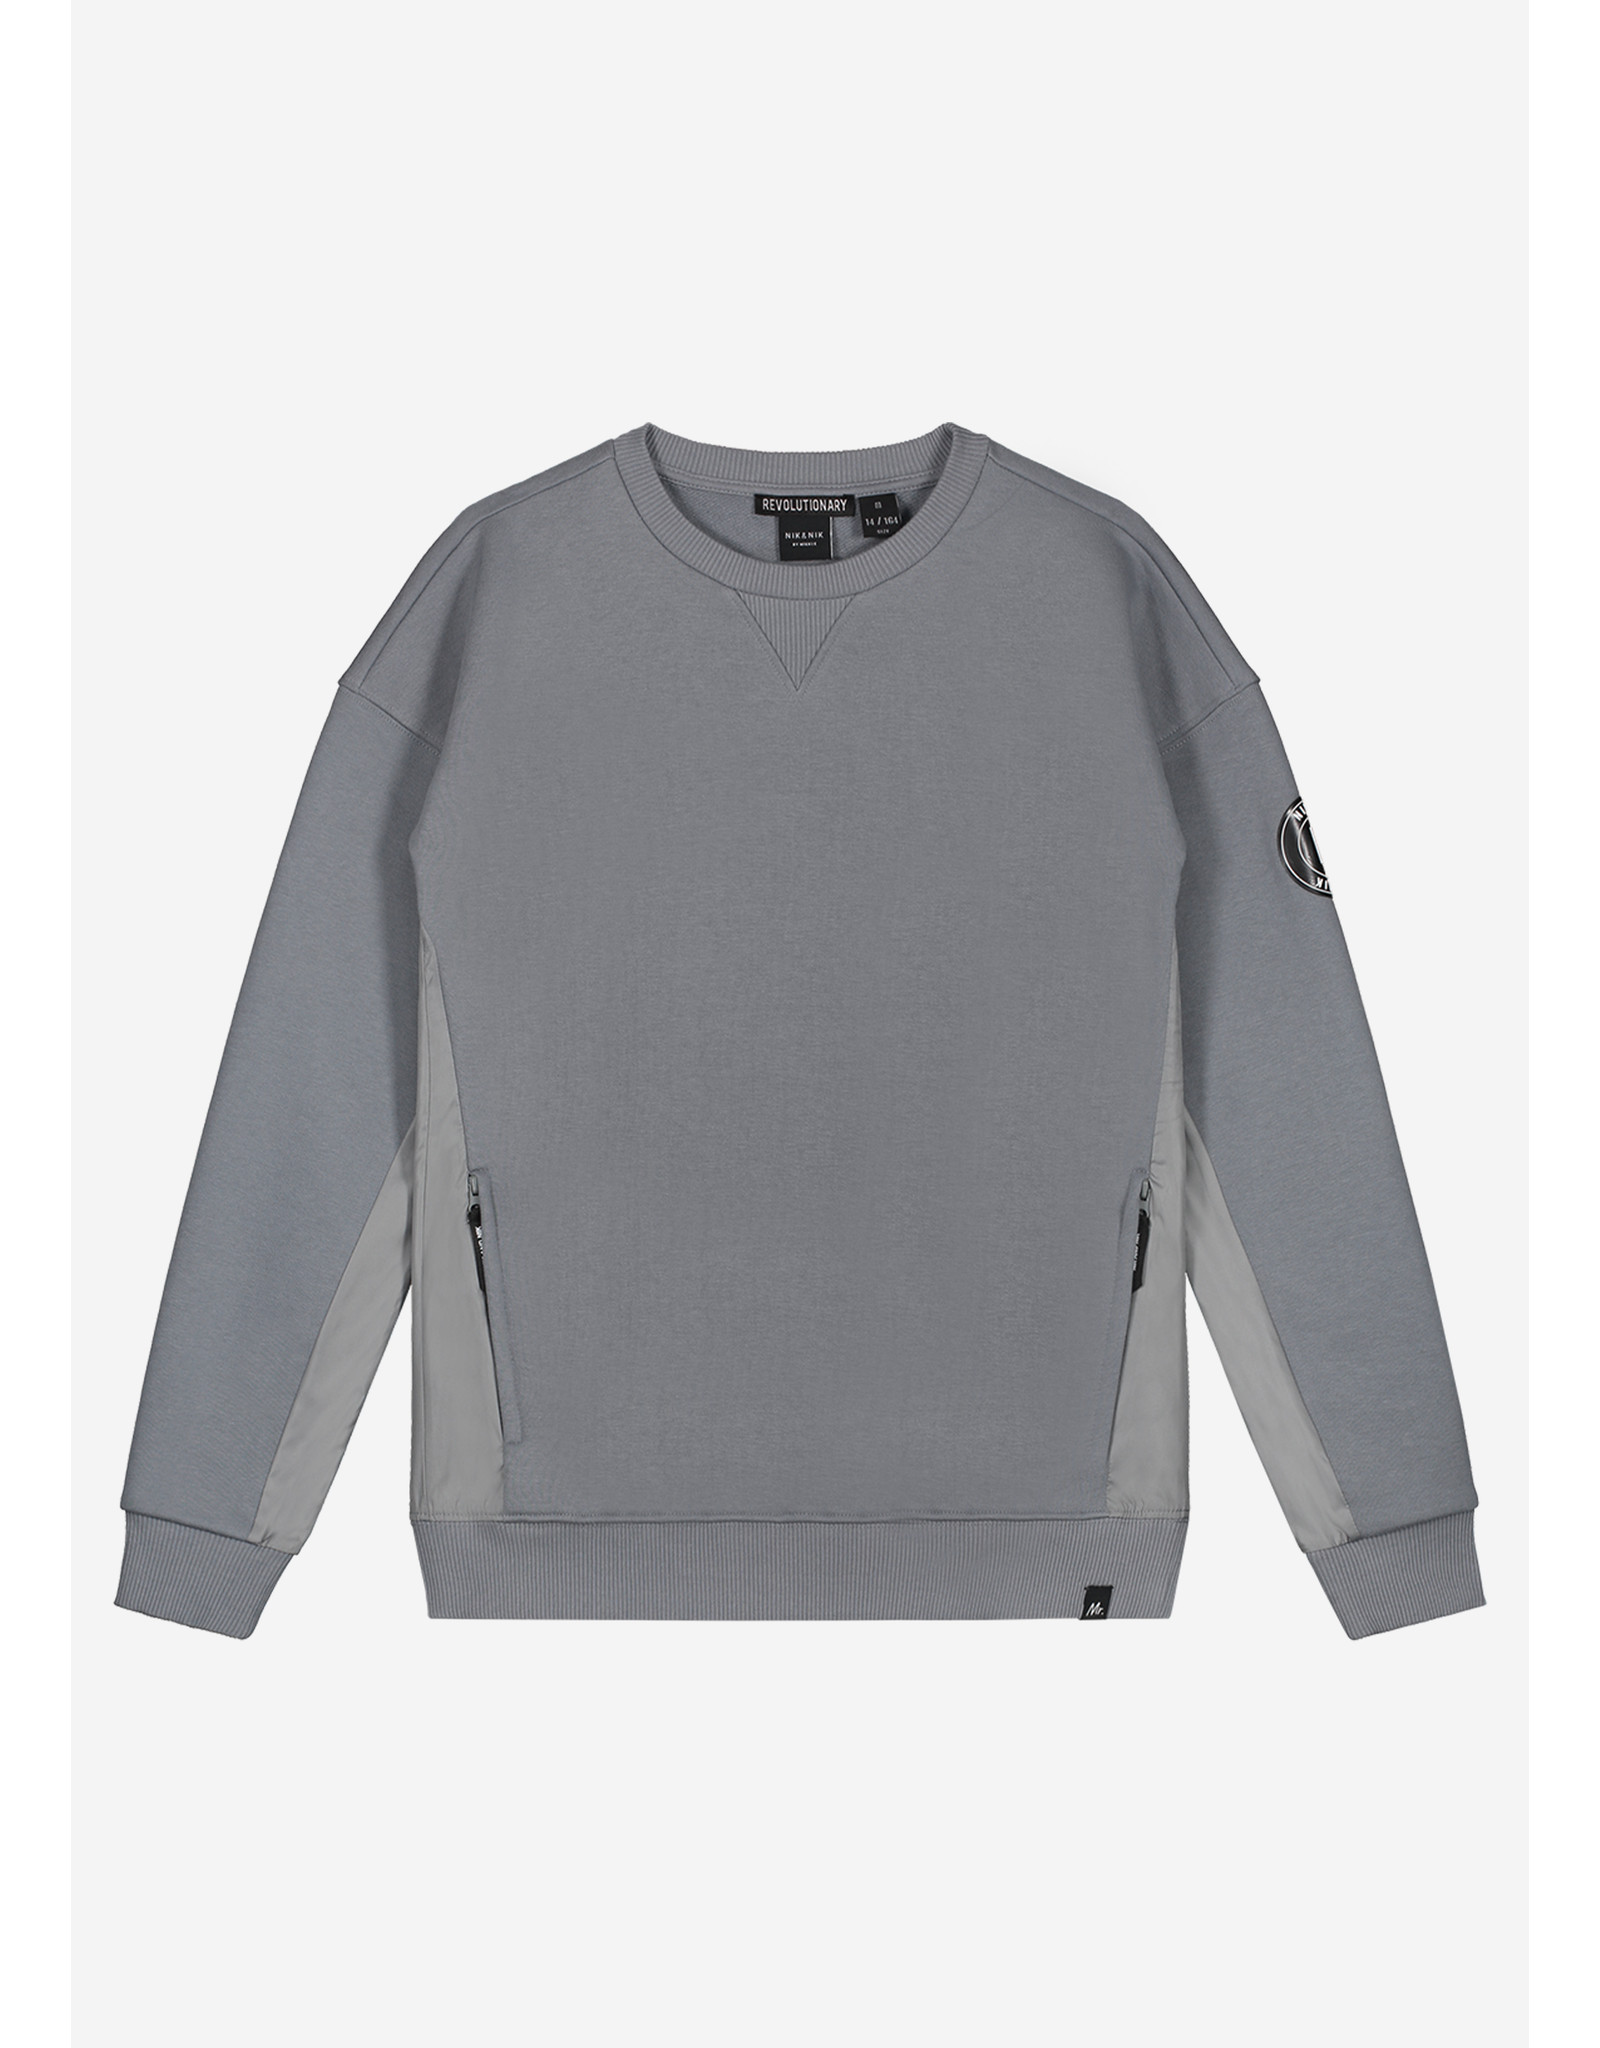 NIK & NIK Keagan sweater